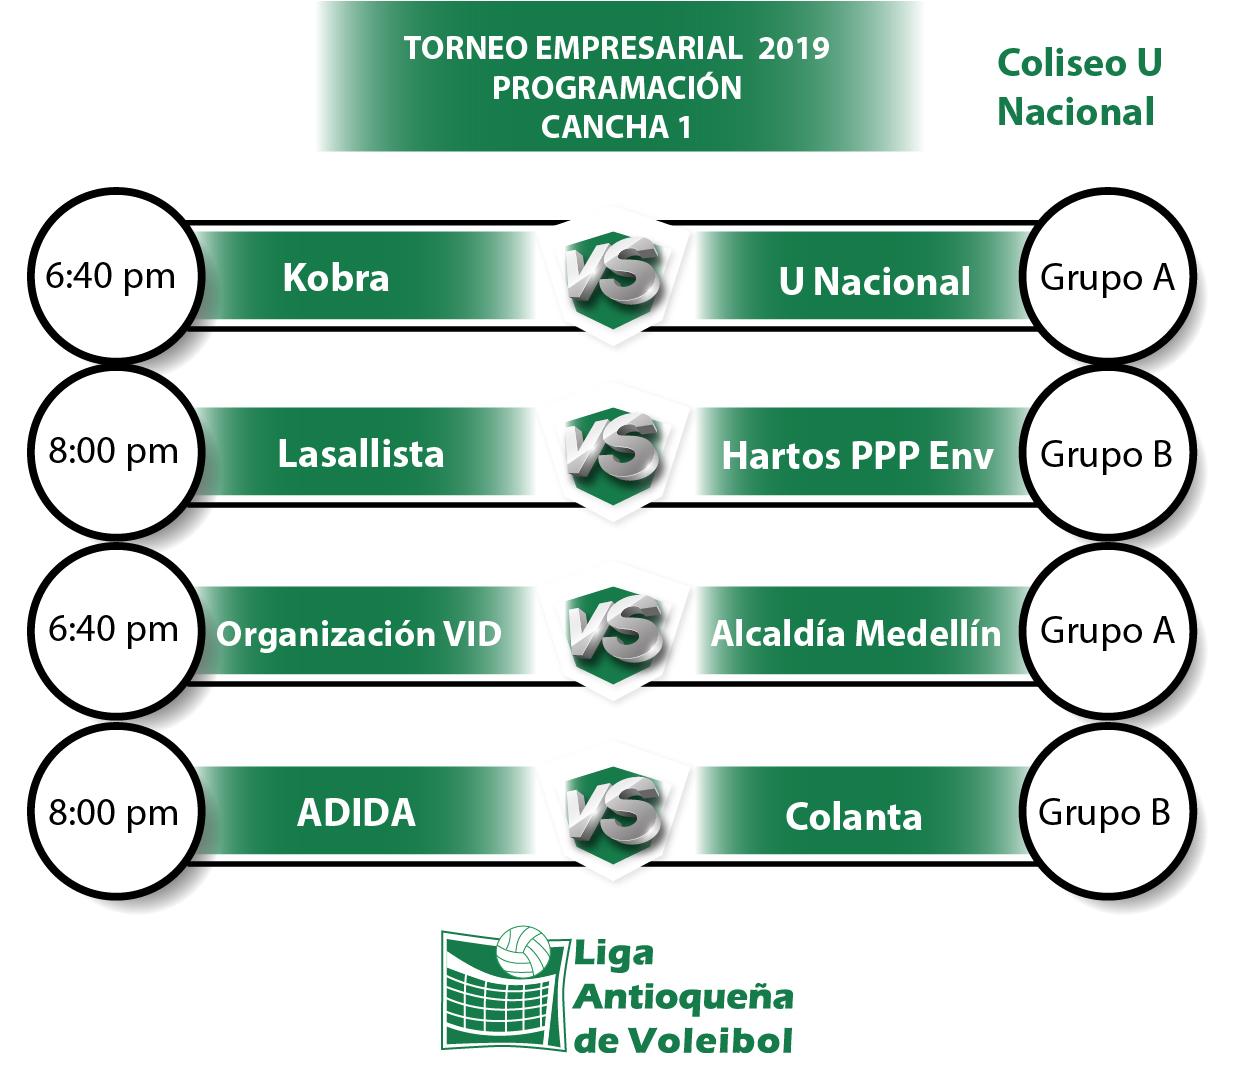 programación séptima fecha Torneo Empresarial de Voleibol